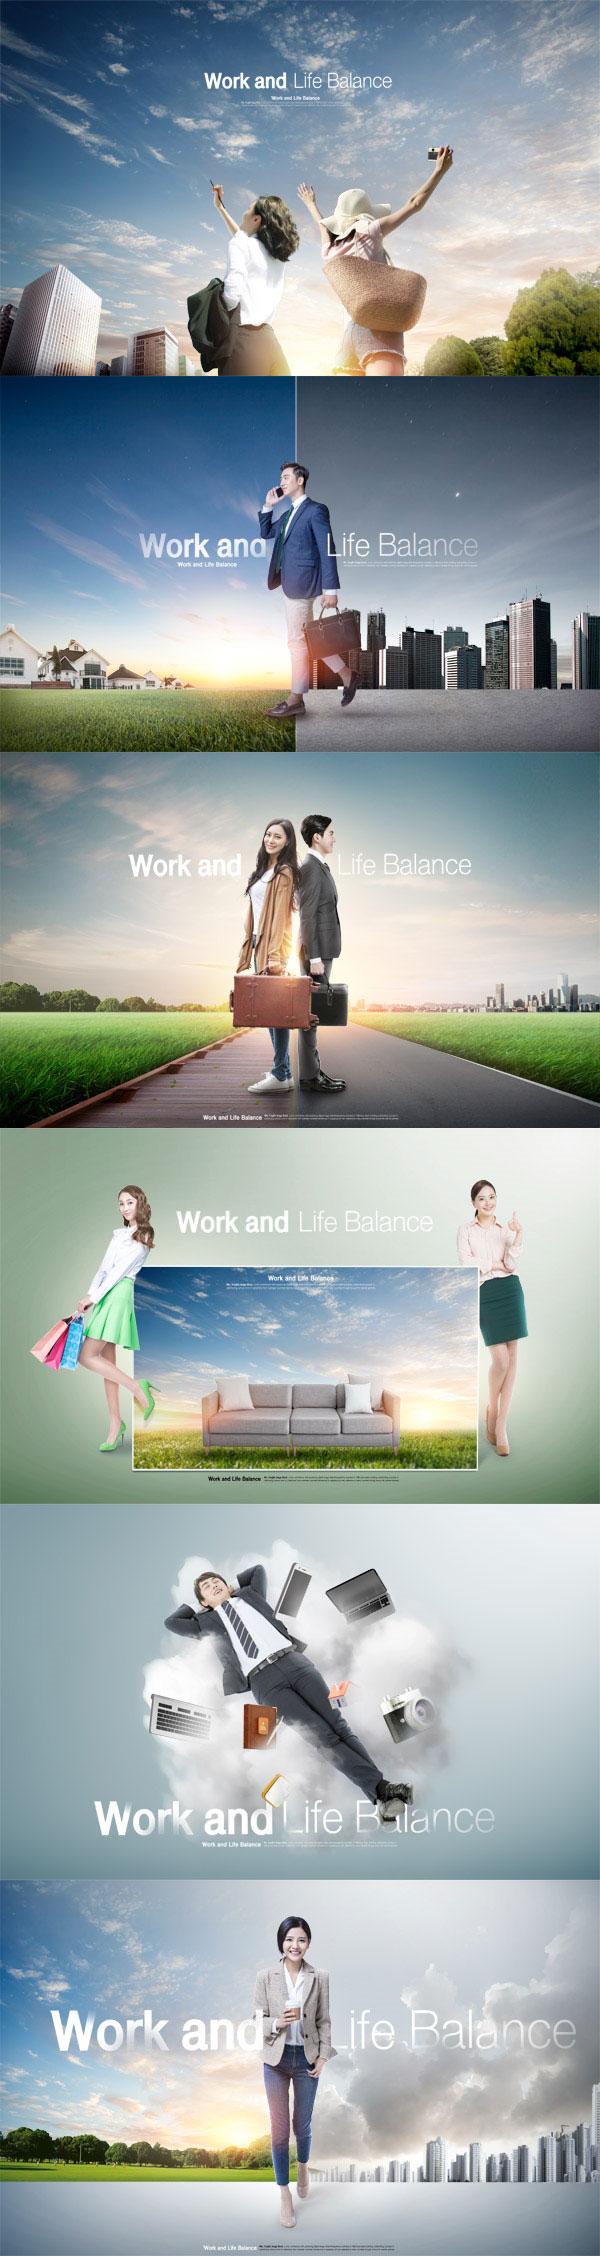 工作与生活平衡海报